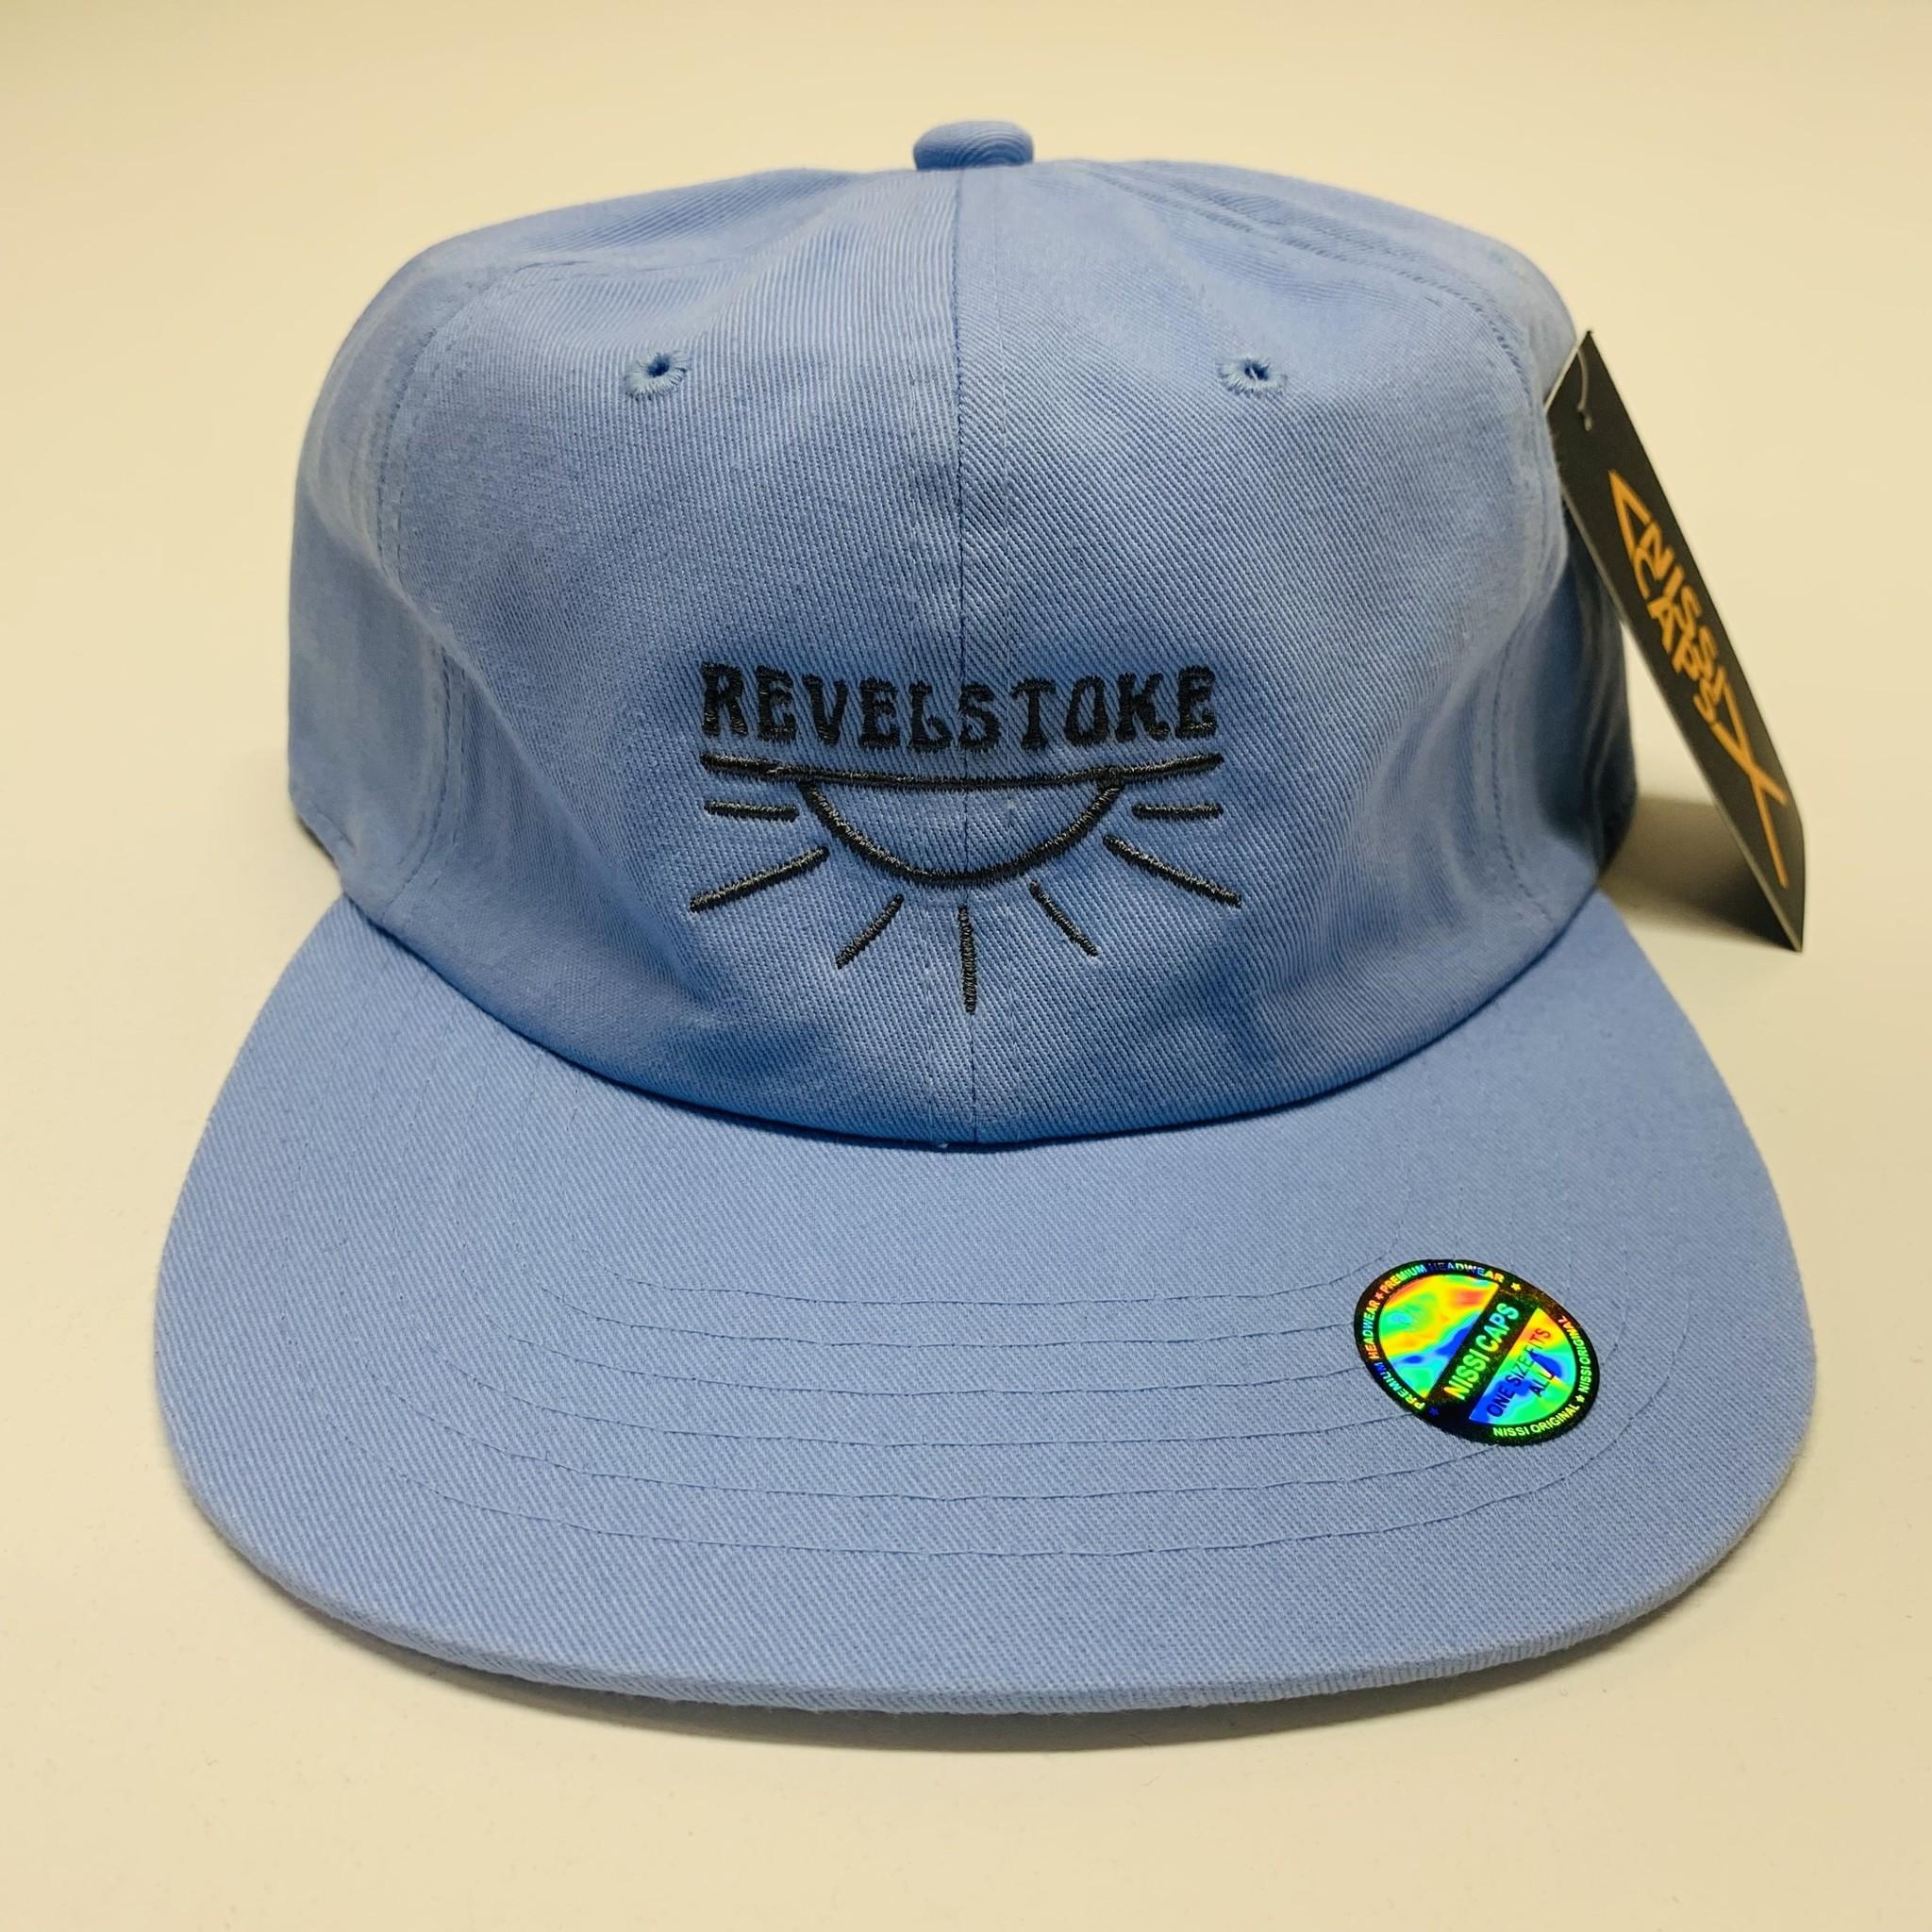 Trading Co. Revelstoke - Over Easy Cap (Sky)